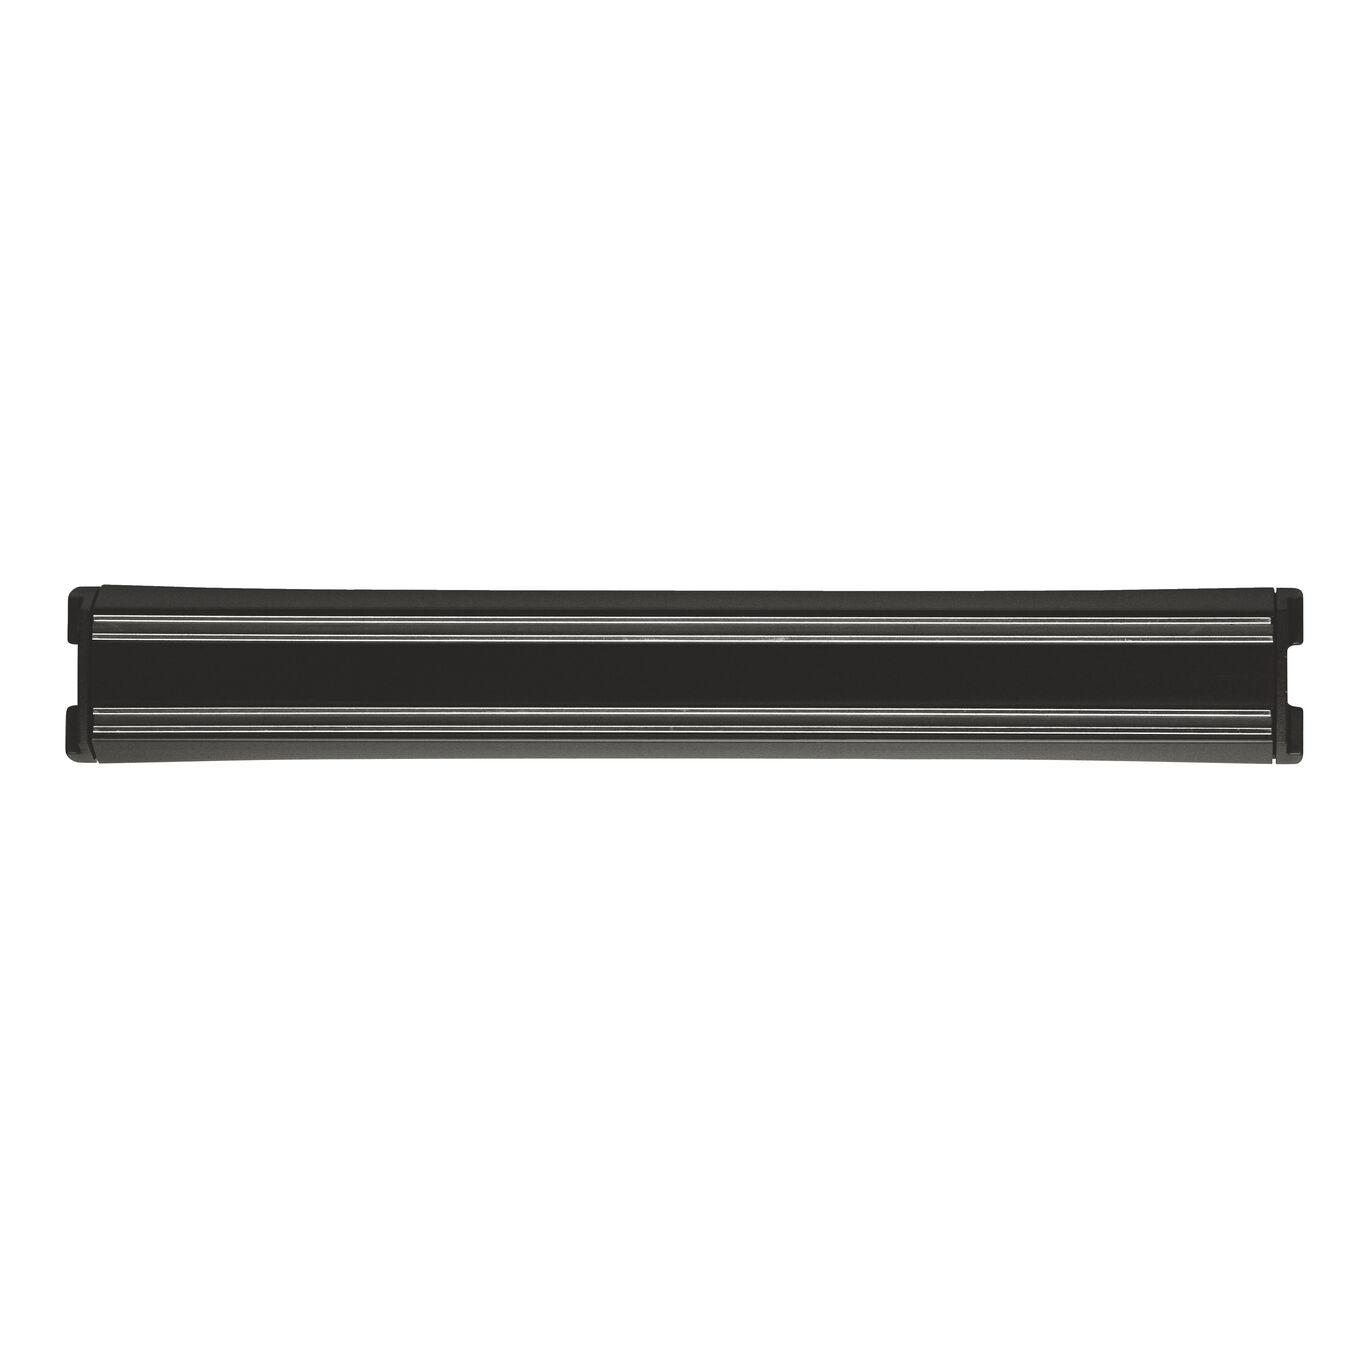 Mıknatıslı Bıçak Tutucu, 30 cm | Siyah | Plastik,,large 1